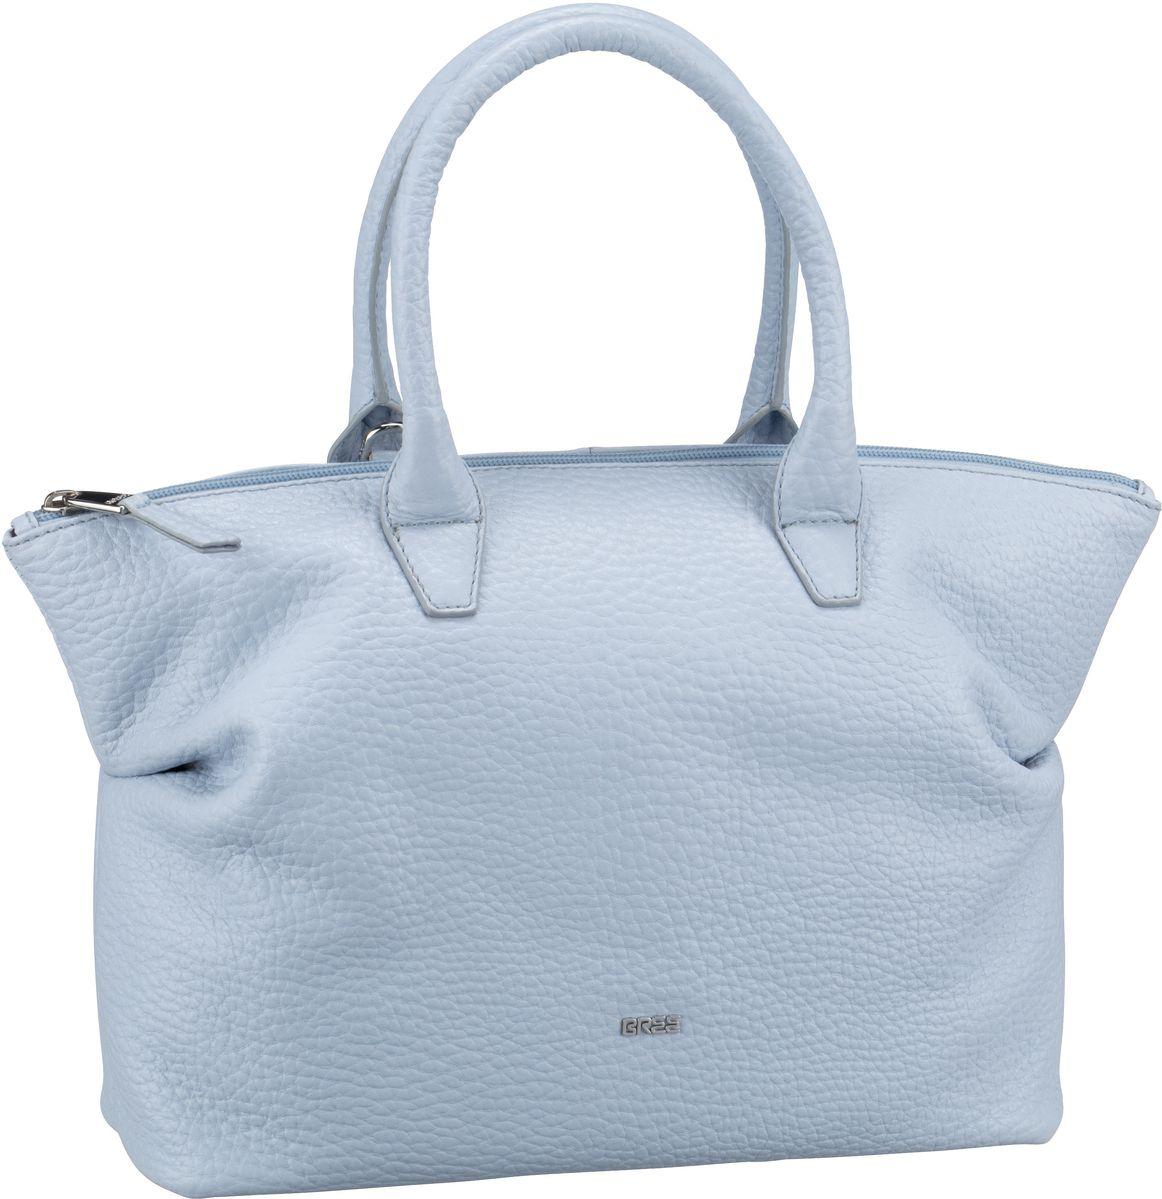 Handtasche Icon Bag Medium Celestial Blue